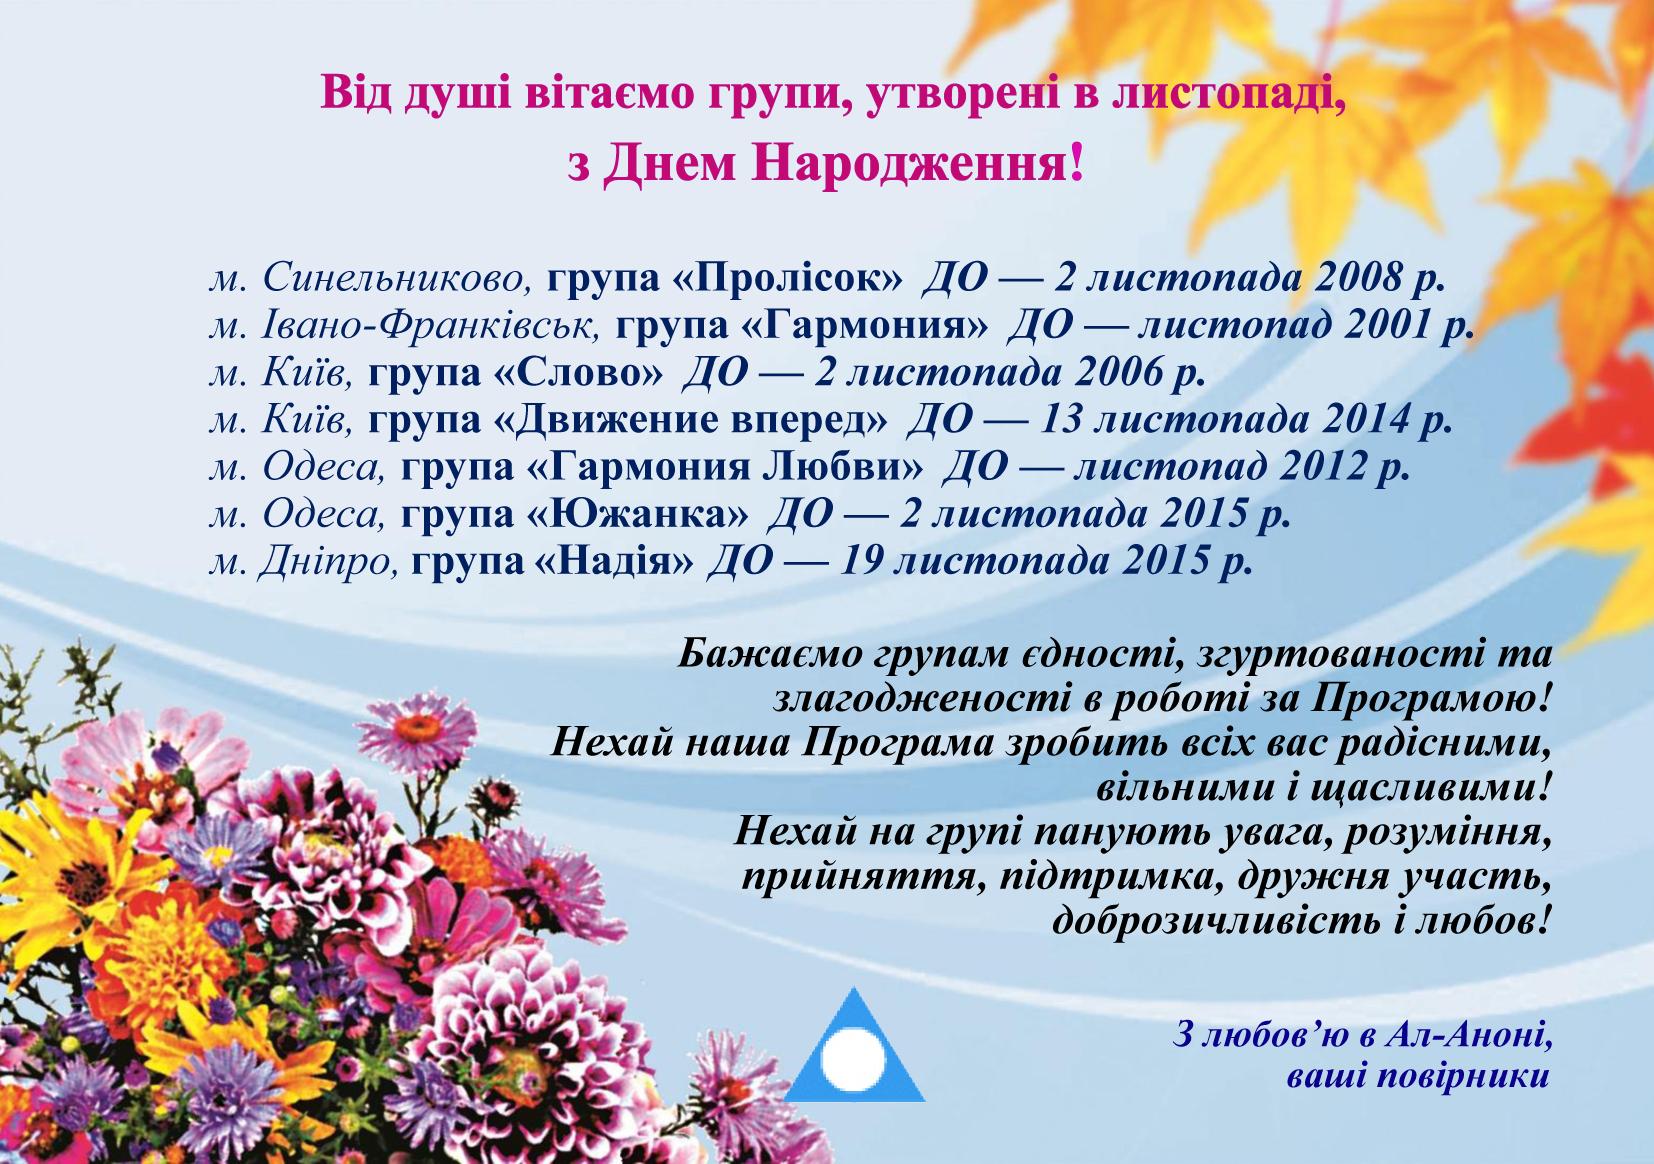 Поздравление_ноябрь2017-укр-1